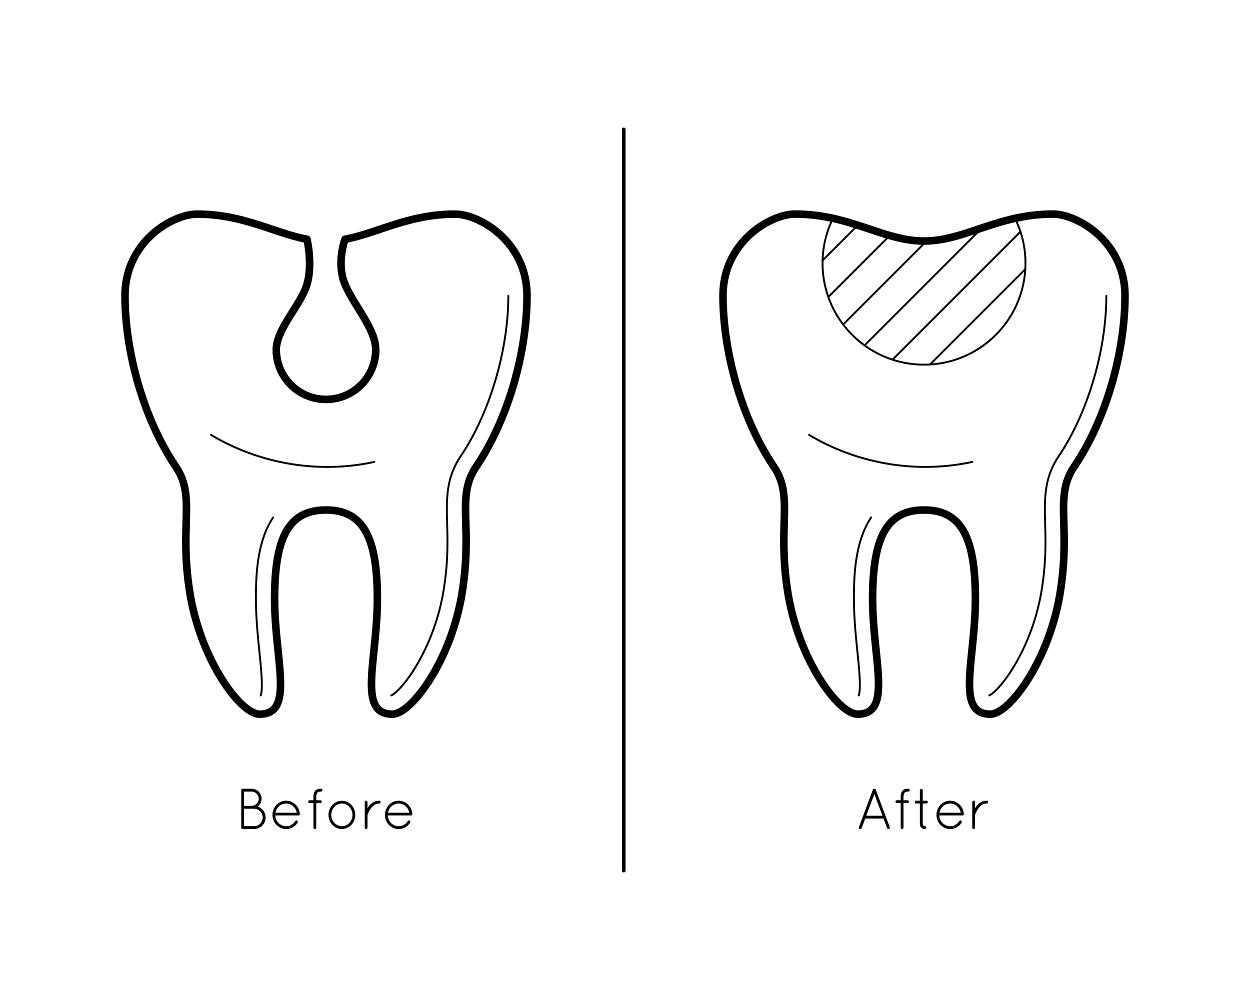 tooth enamel loss